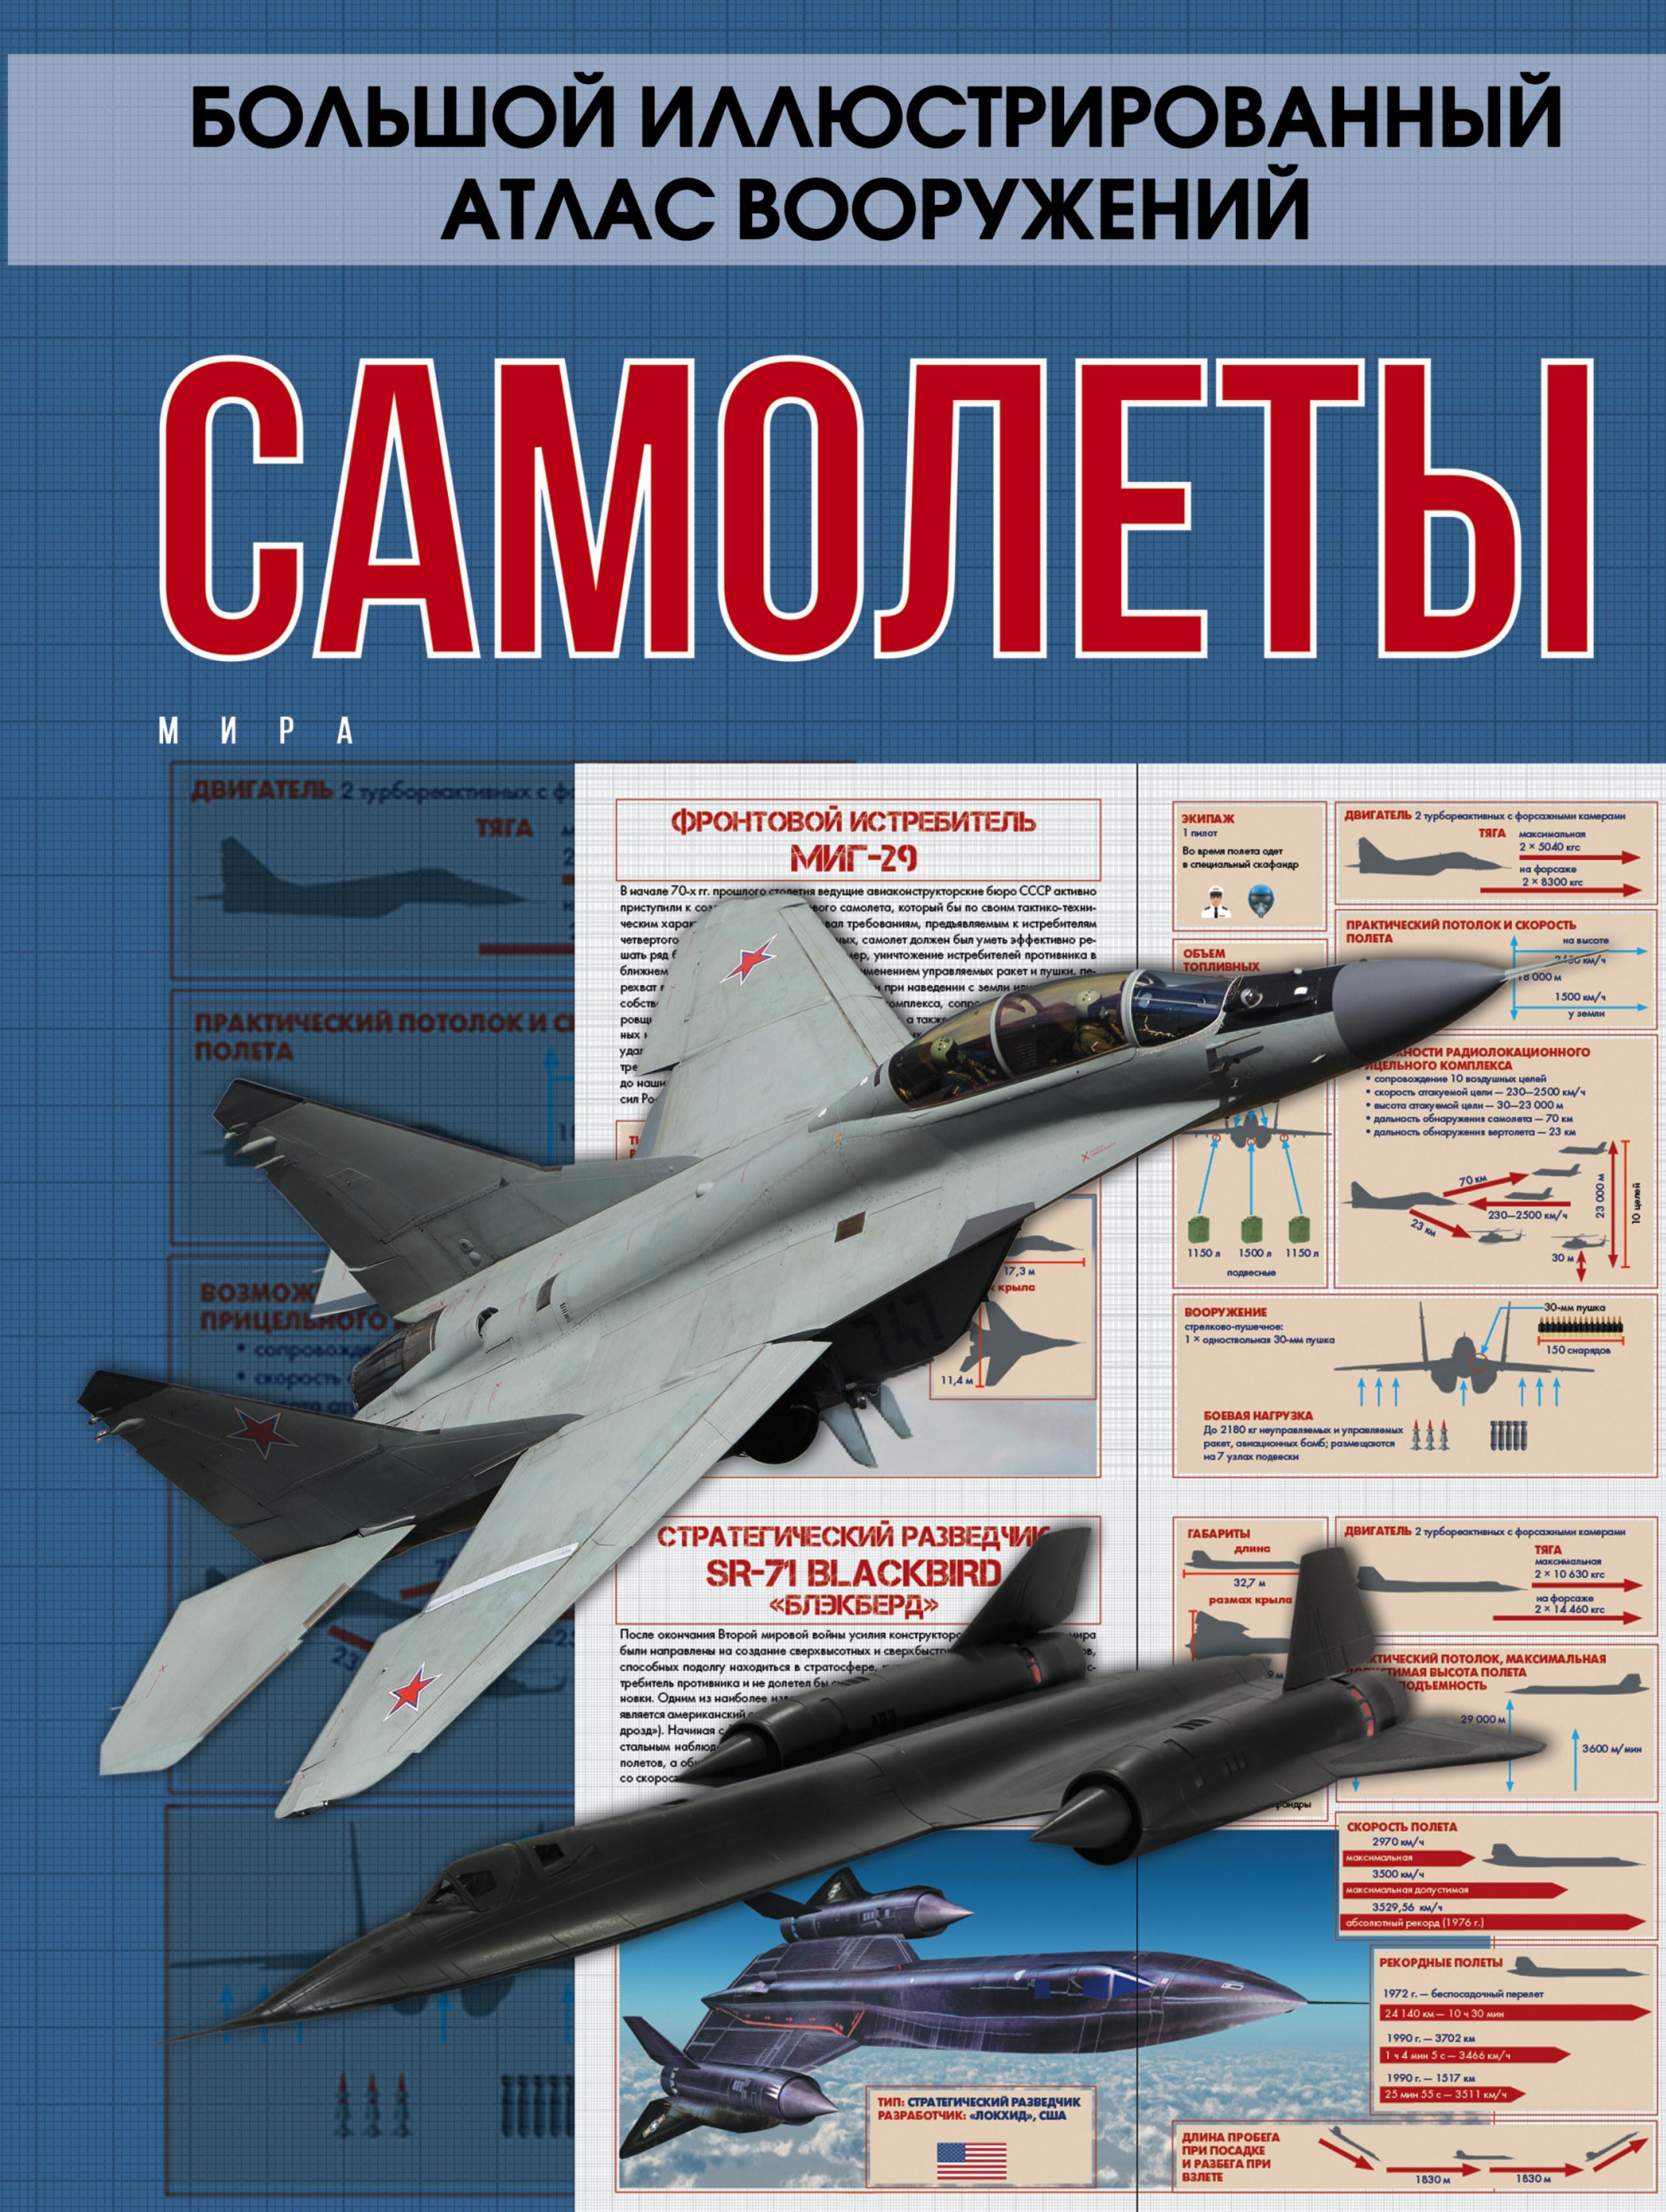 Самолеты мира от book24.ru